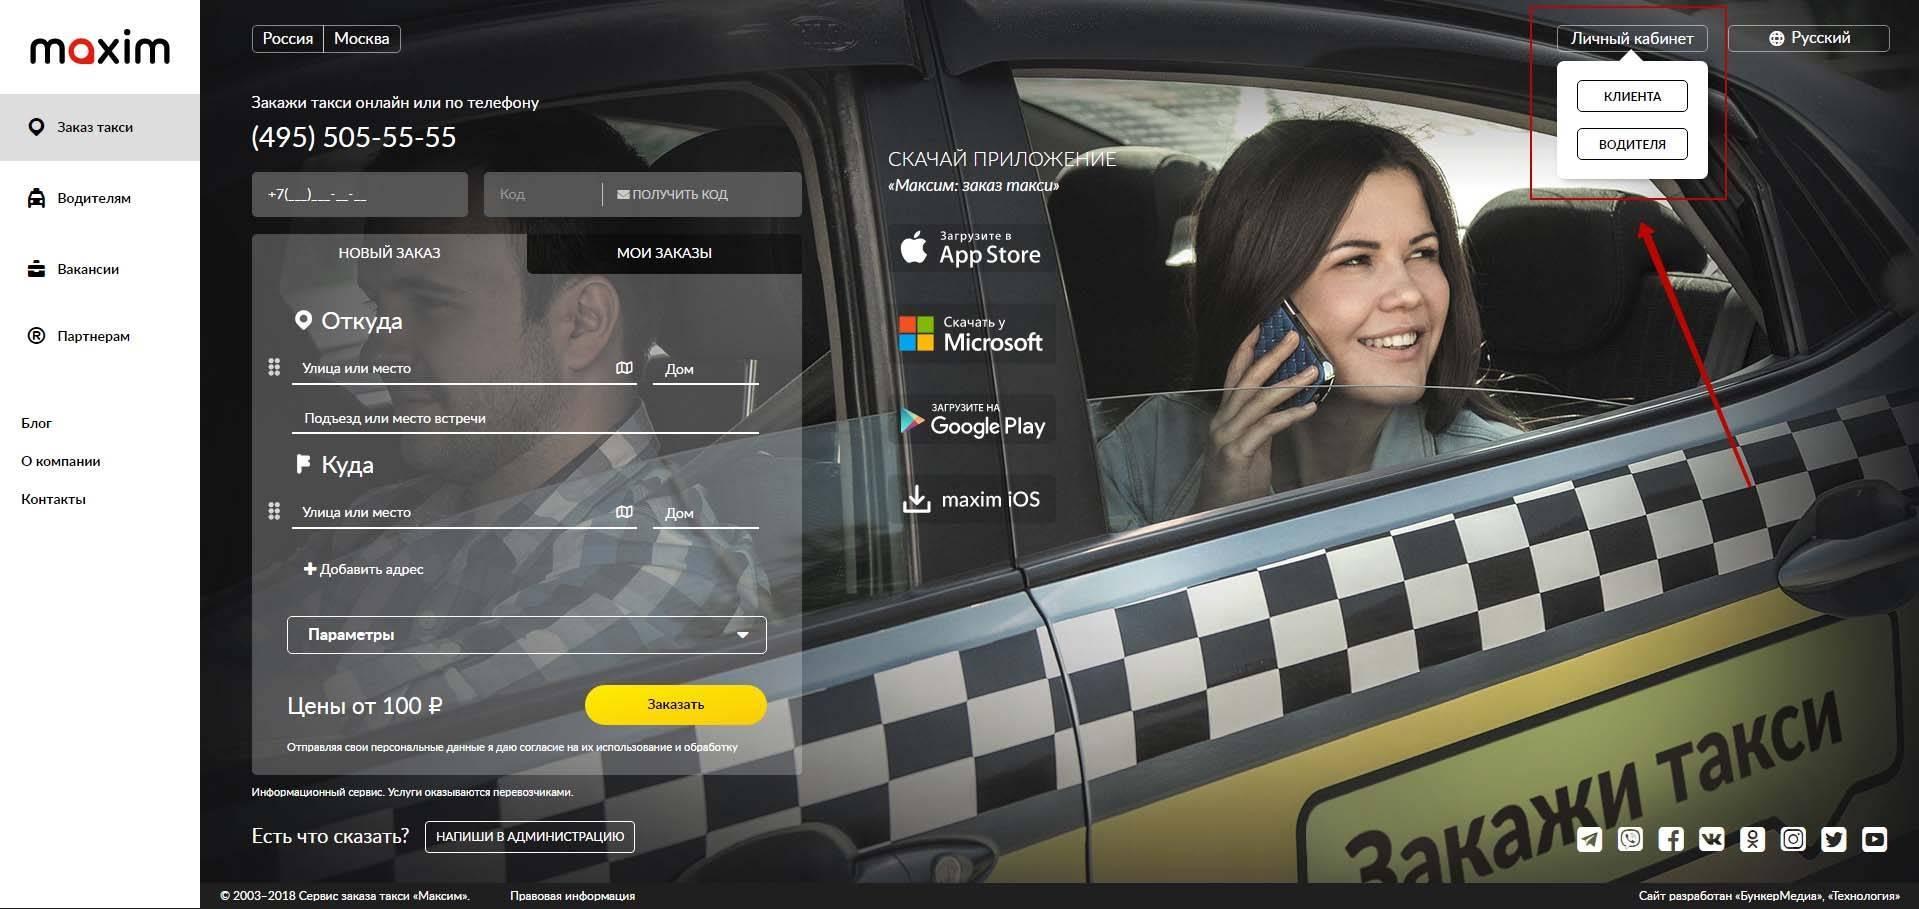 Taksi-Maksim-vhod-v-lichnyj-kabinet.jpg